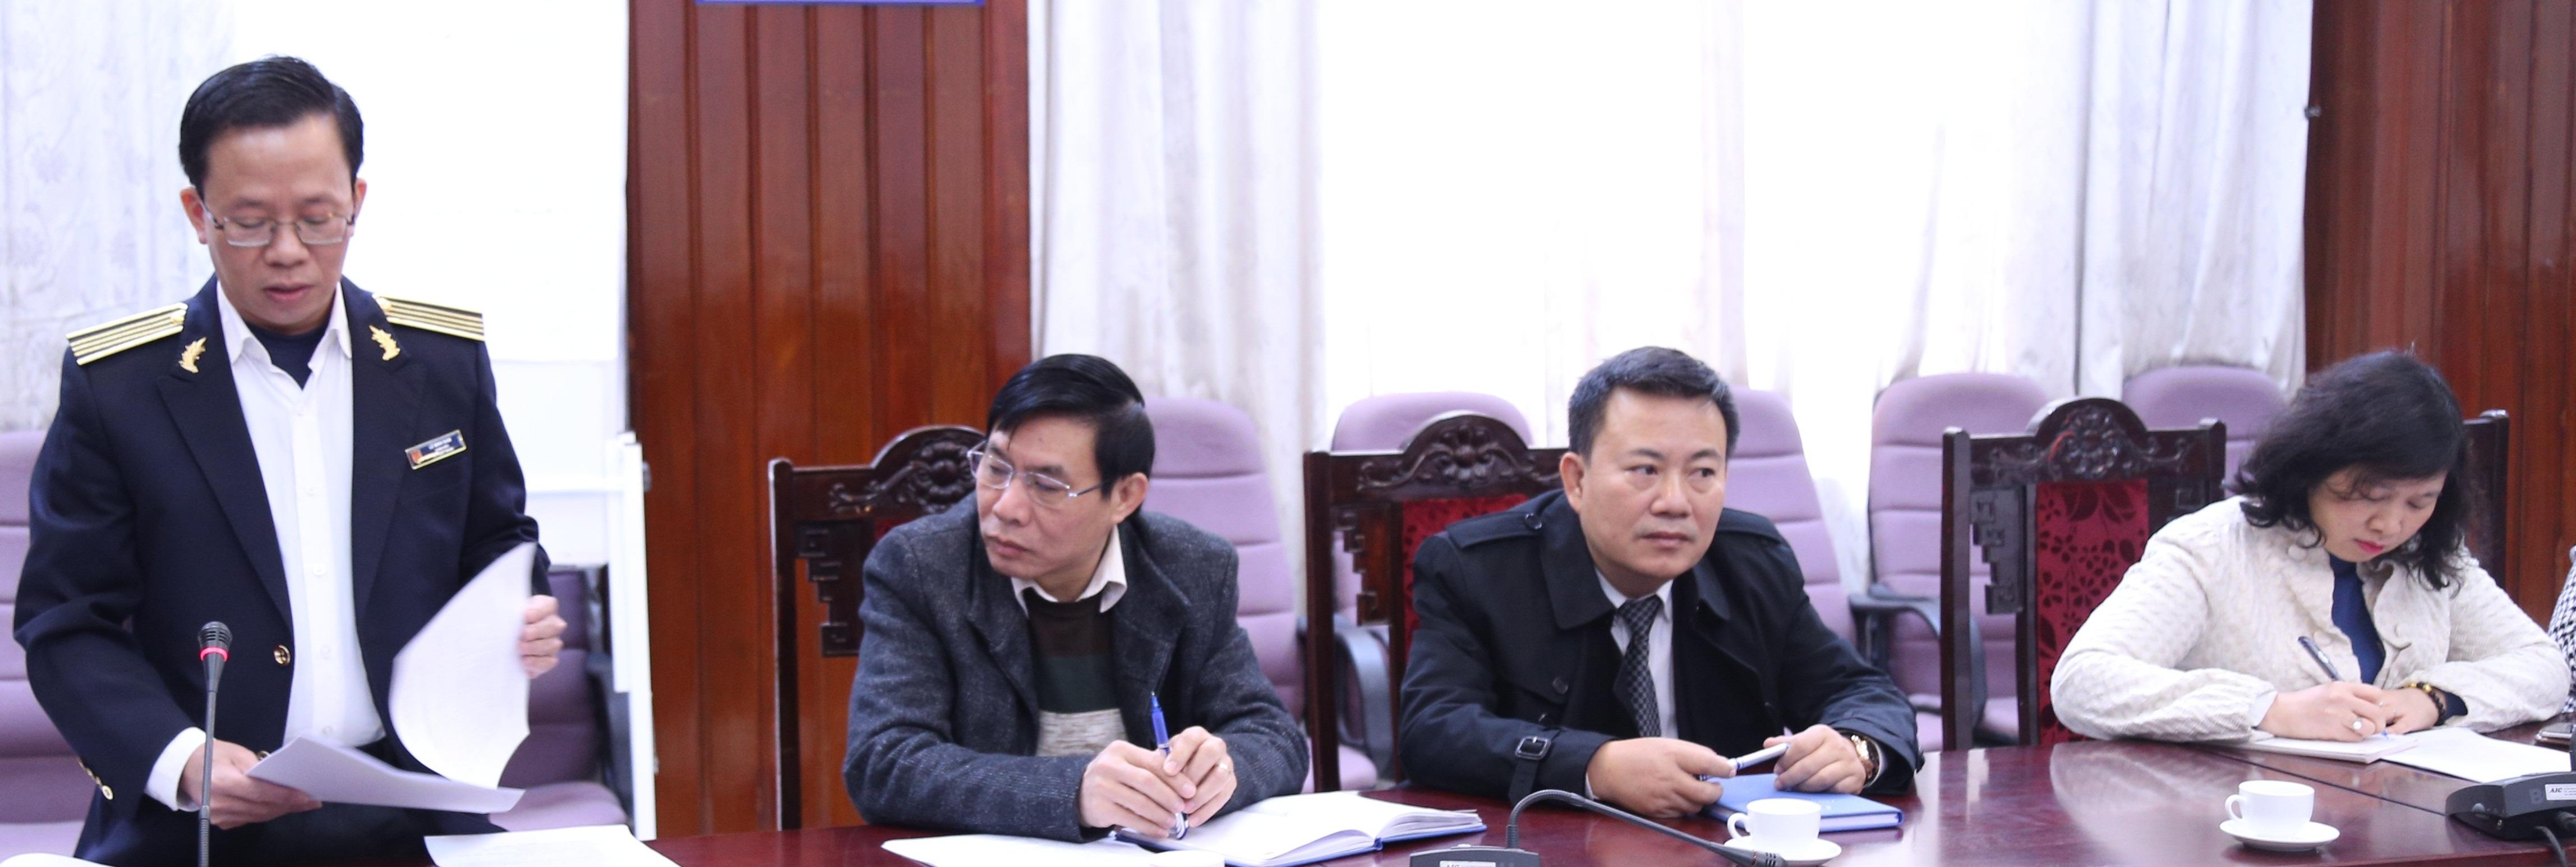 Phó Tổng KTNN Vũ Văn Họa làm việc với Trường ĐT&BD nghiệp vụ kiểm toán